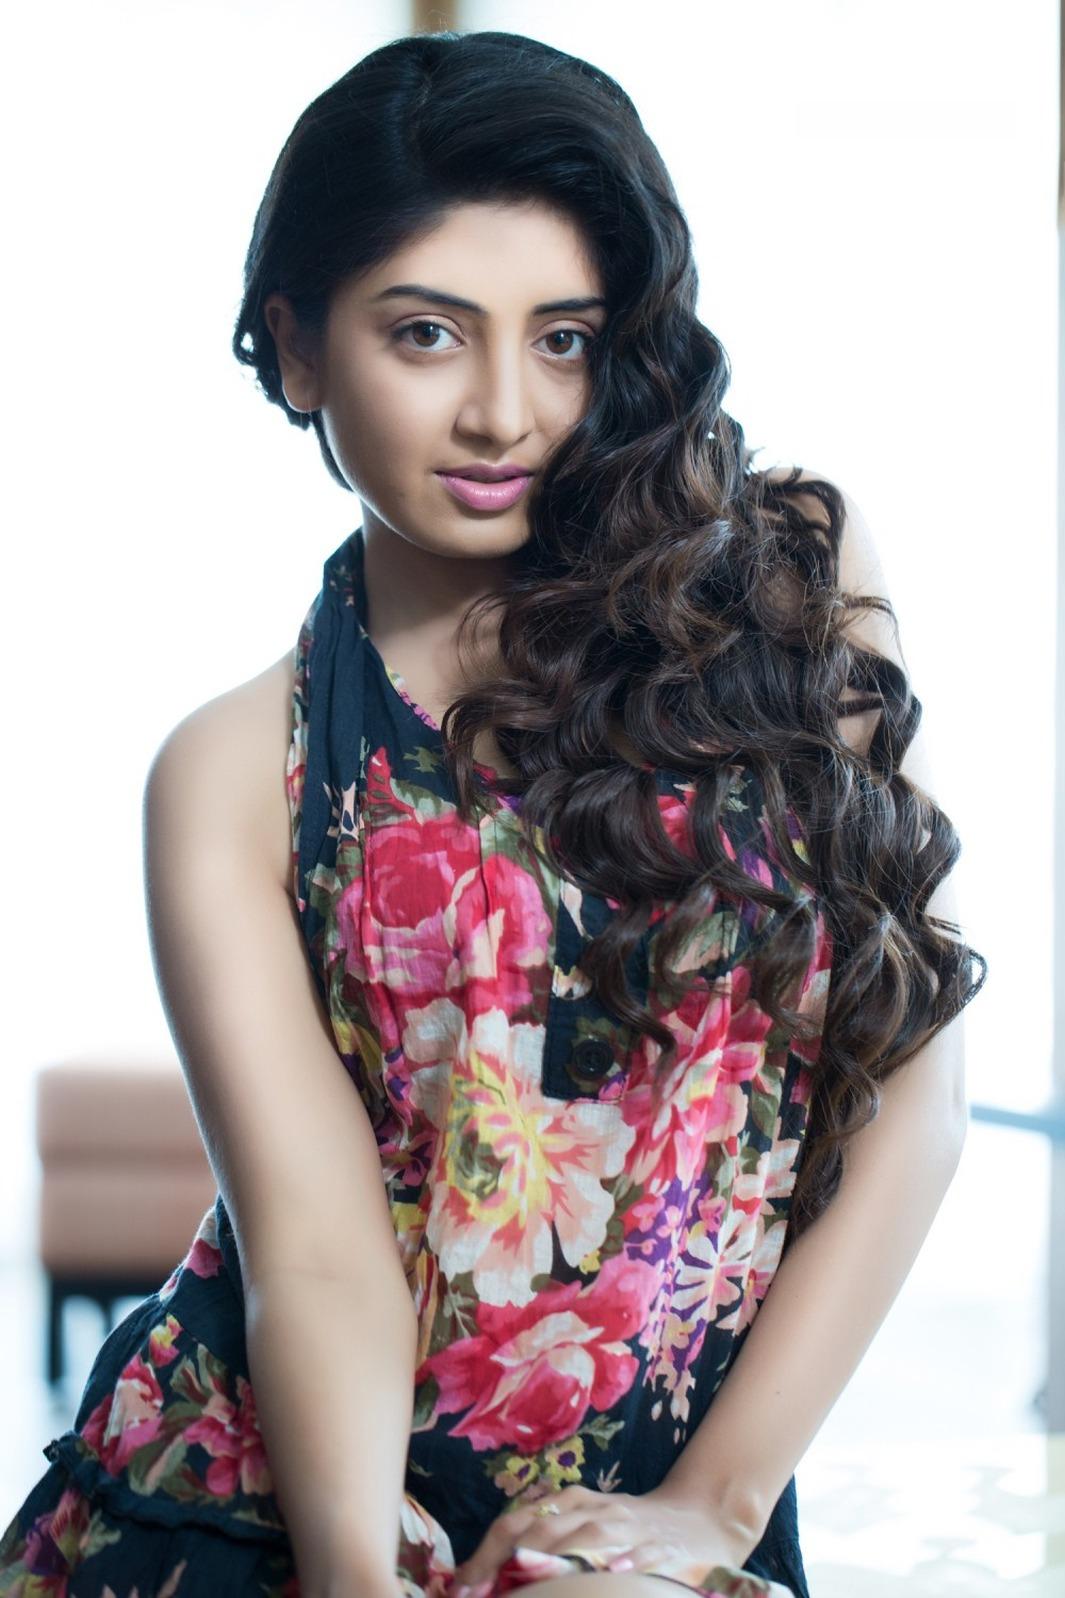 Poonam Kaur nudes (81 fotos) Erotica, Facebook, butt